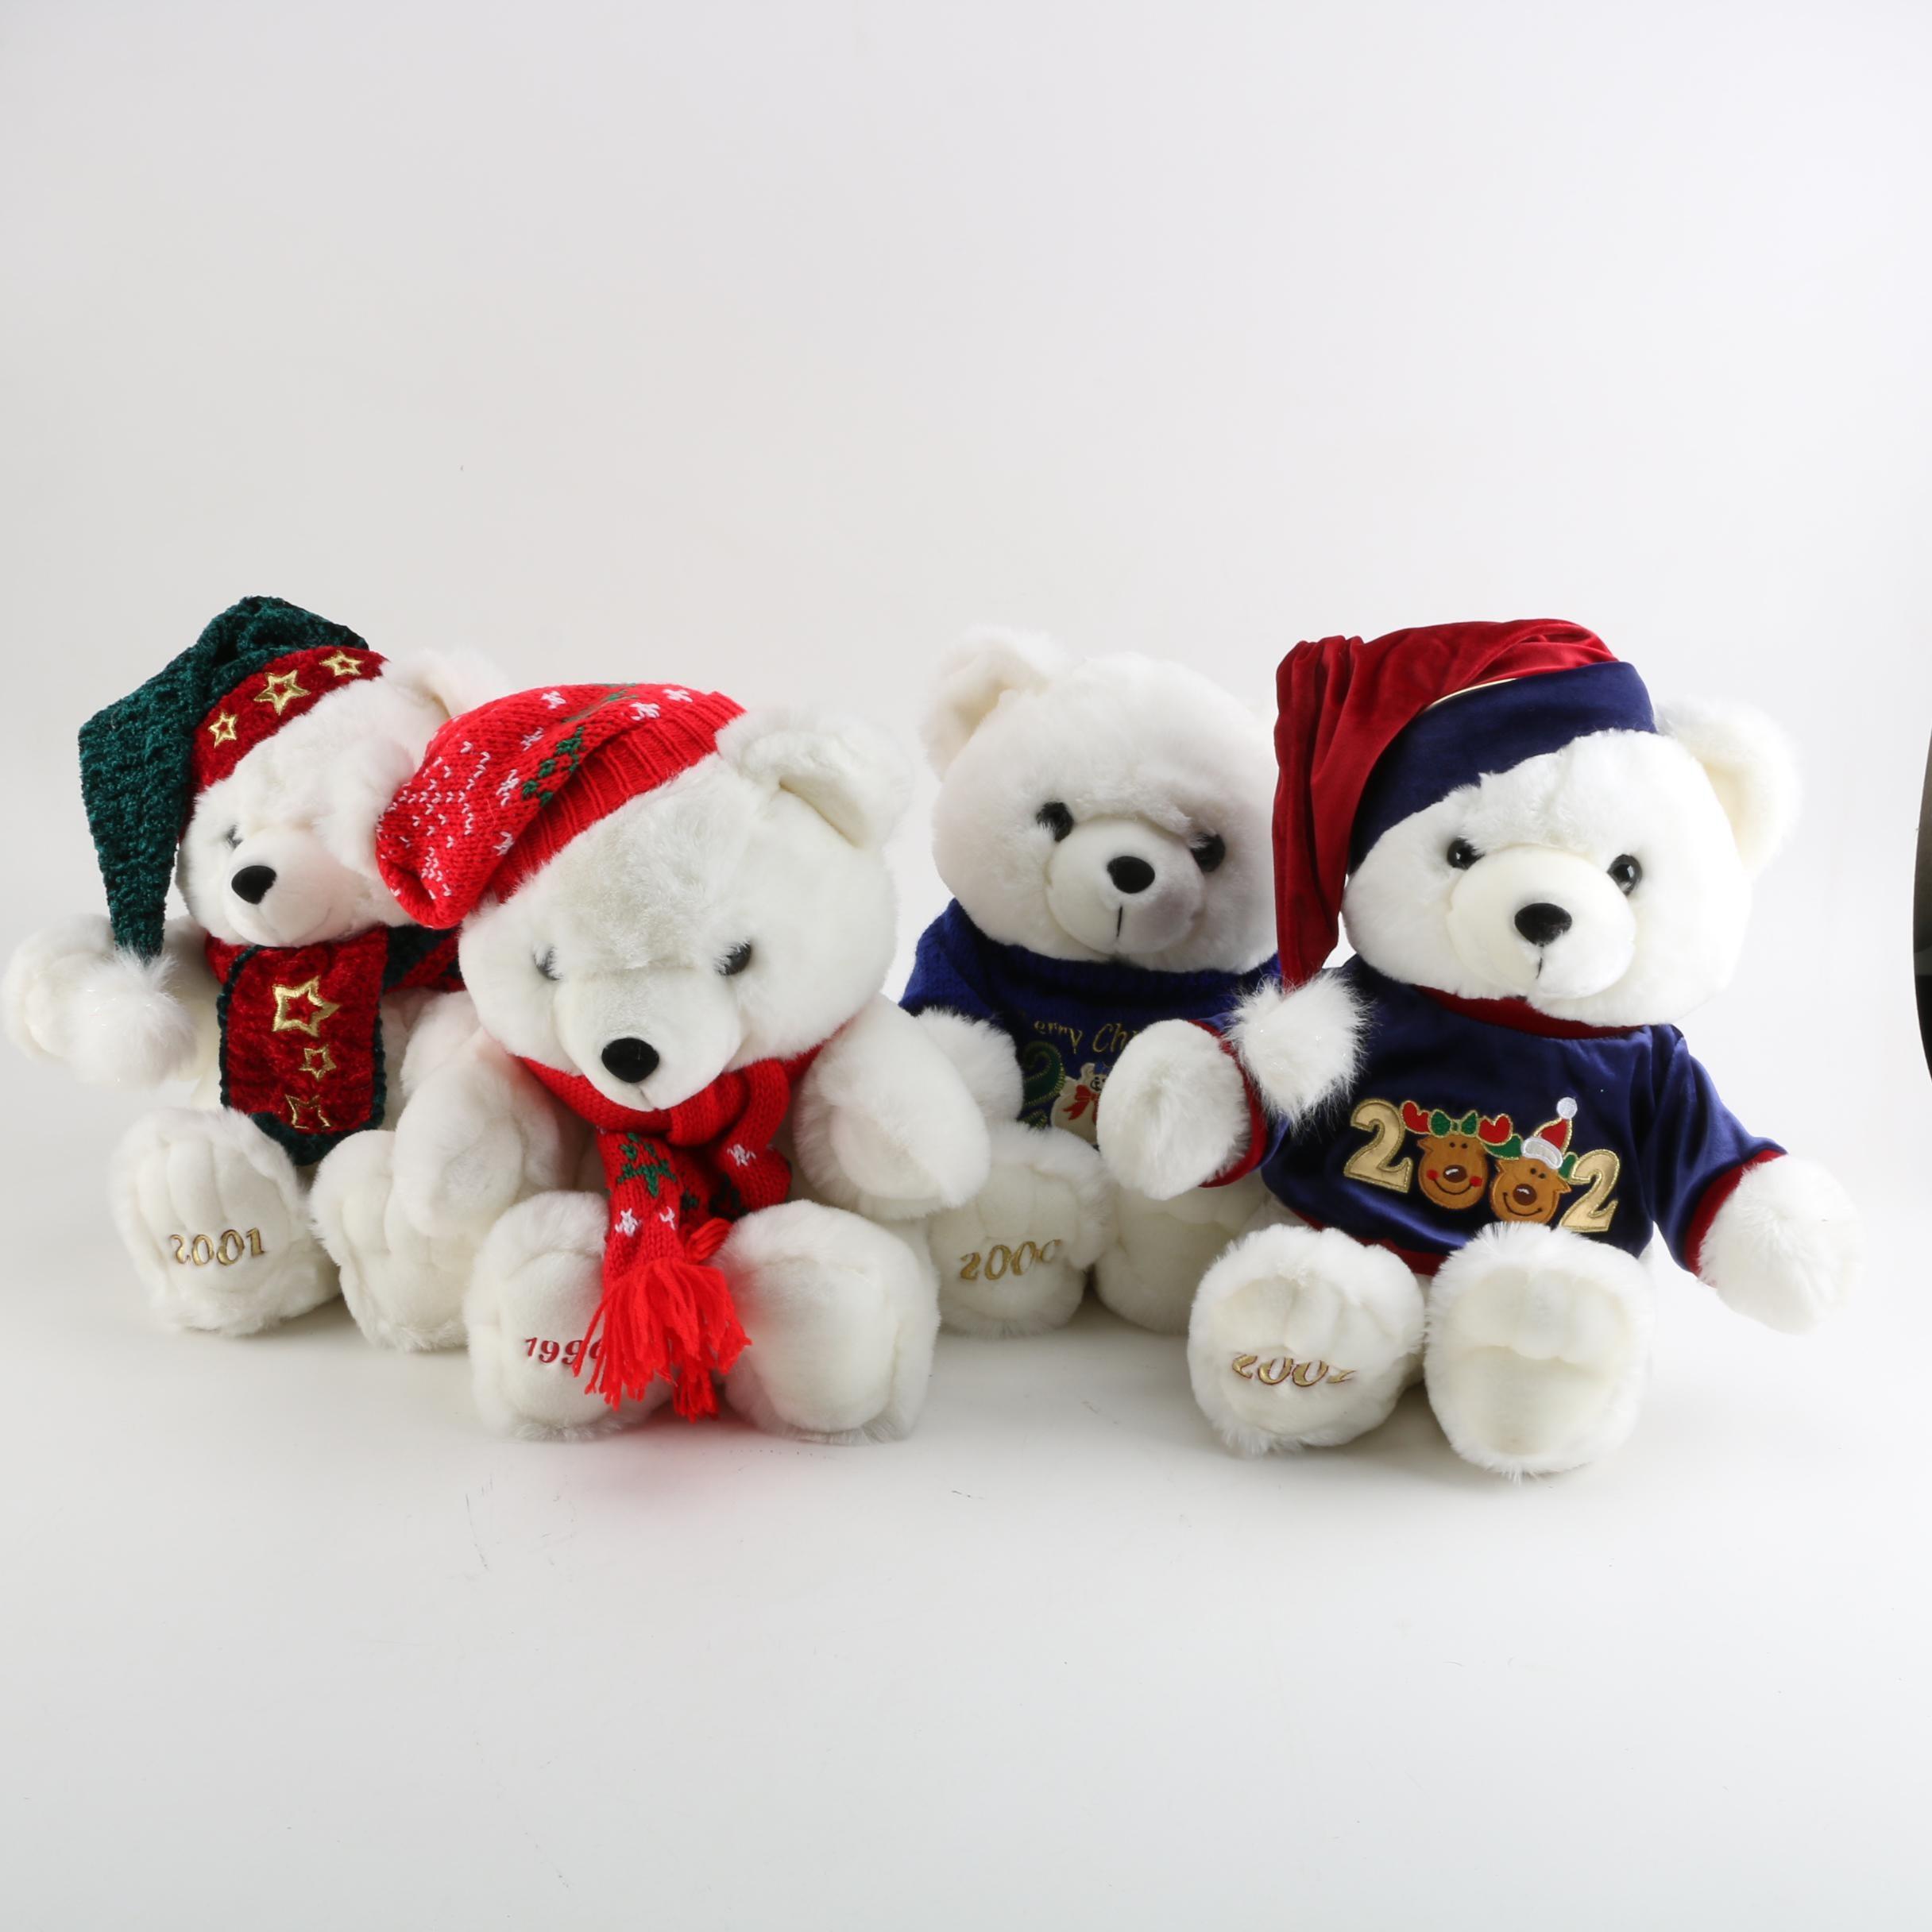 DanDee Annual Christmas Teddy Bears